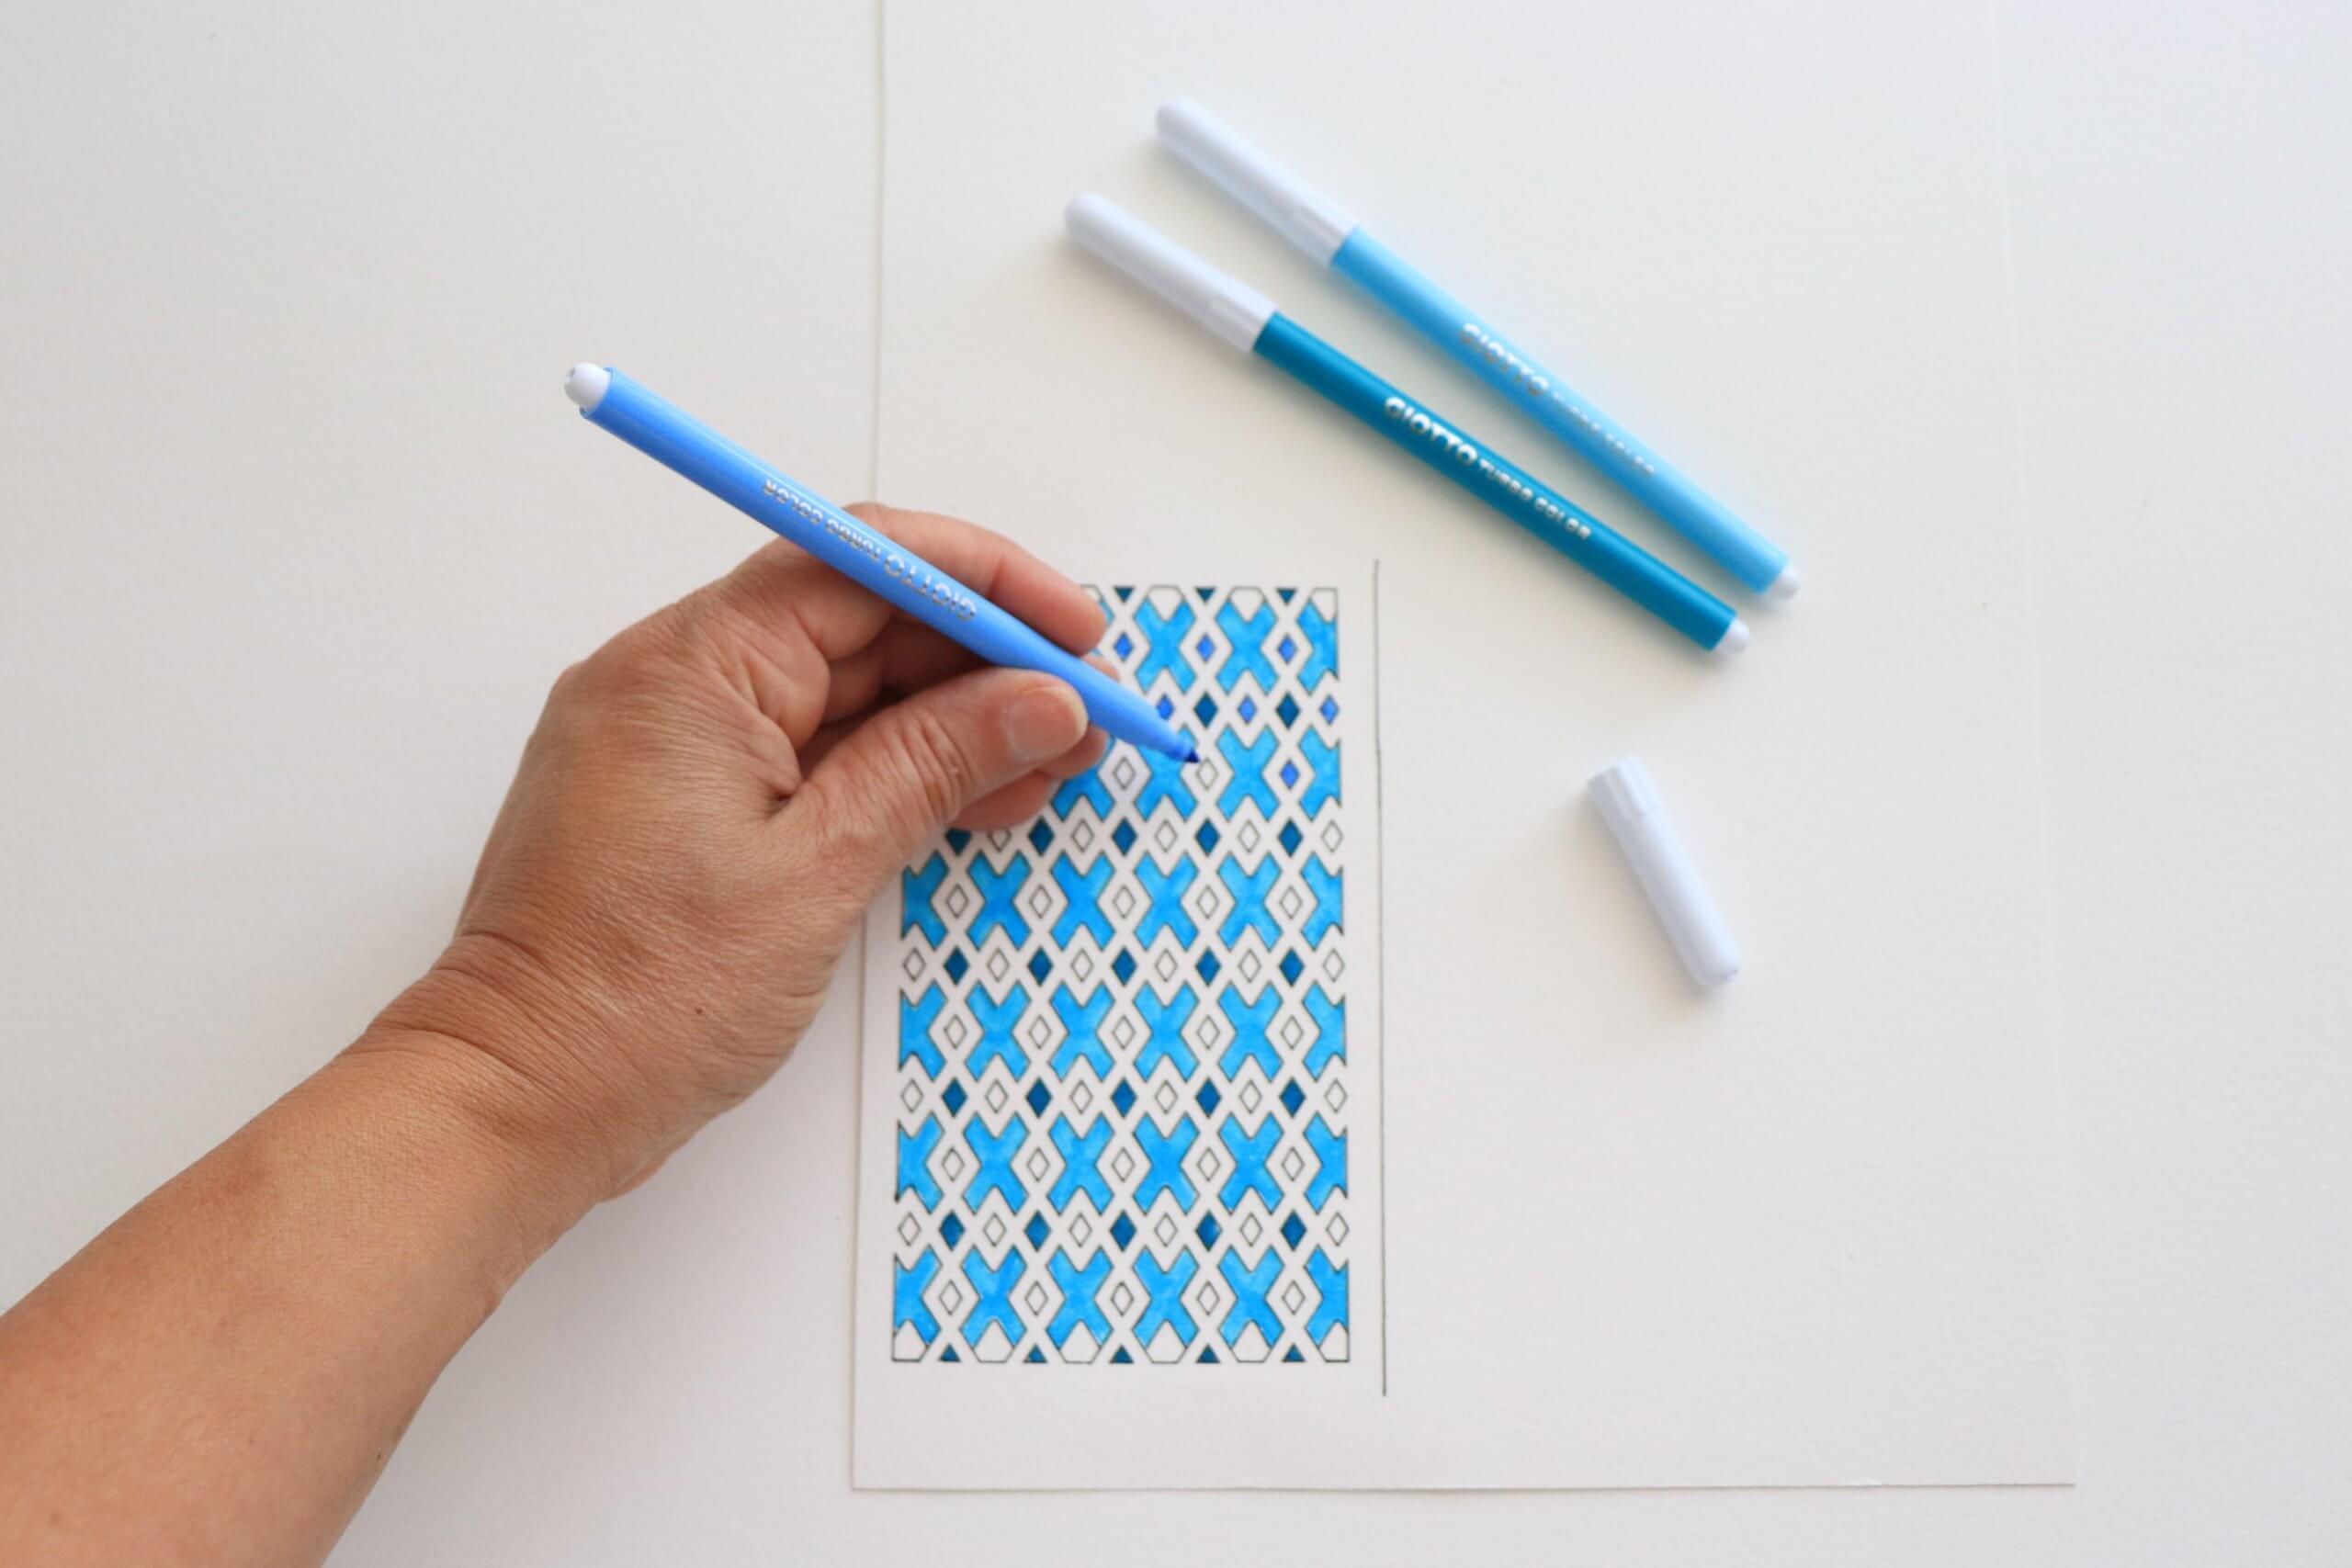 איך להכין סימנייה מנייר